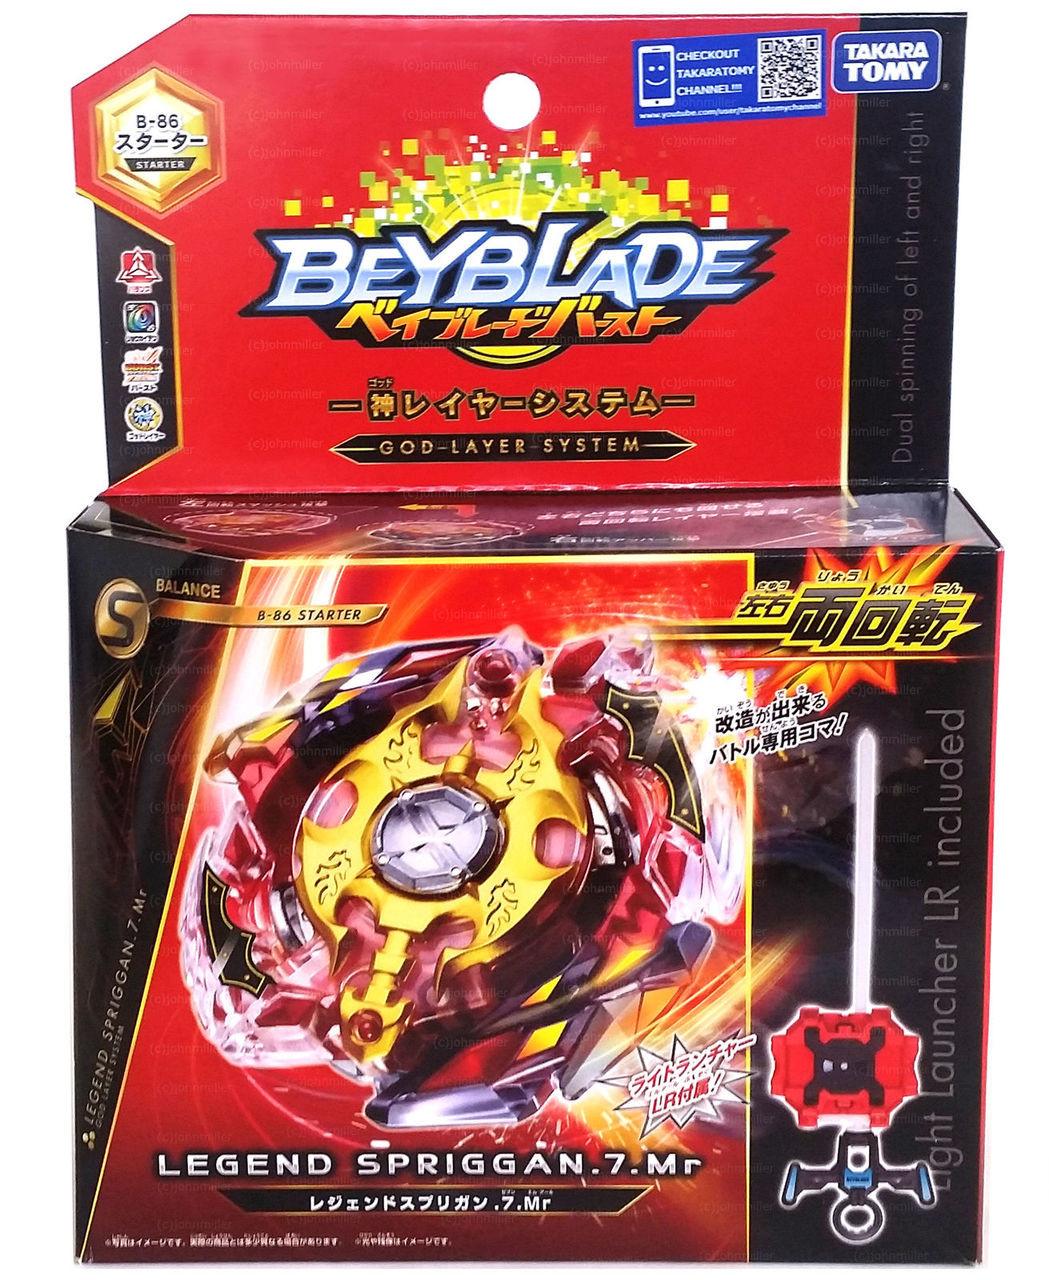 Beyblade Legend Spriggan Spryzen Booster Burst B-86